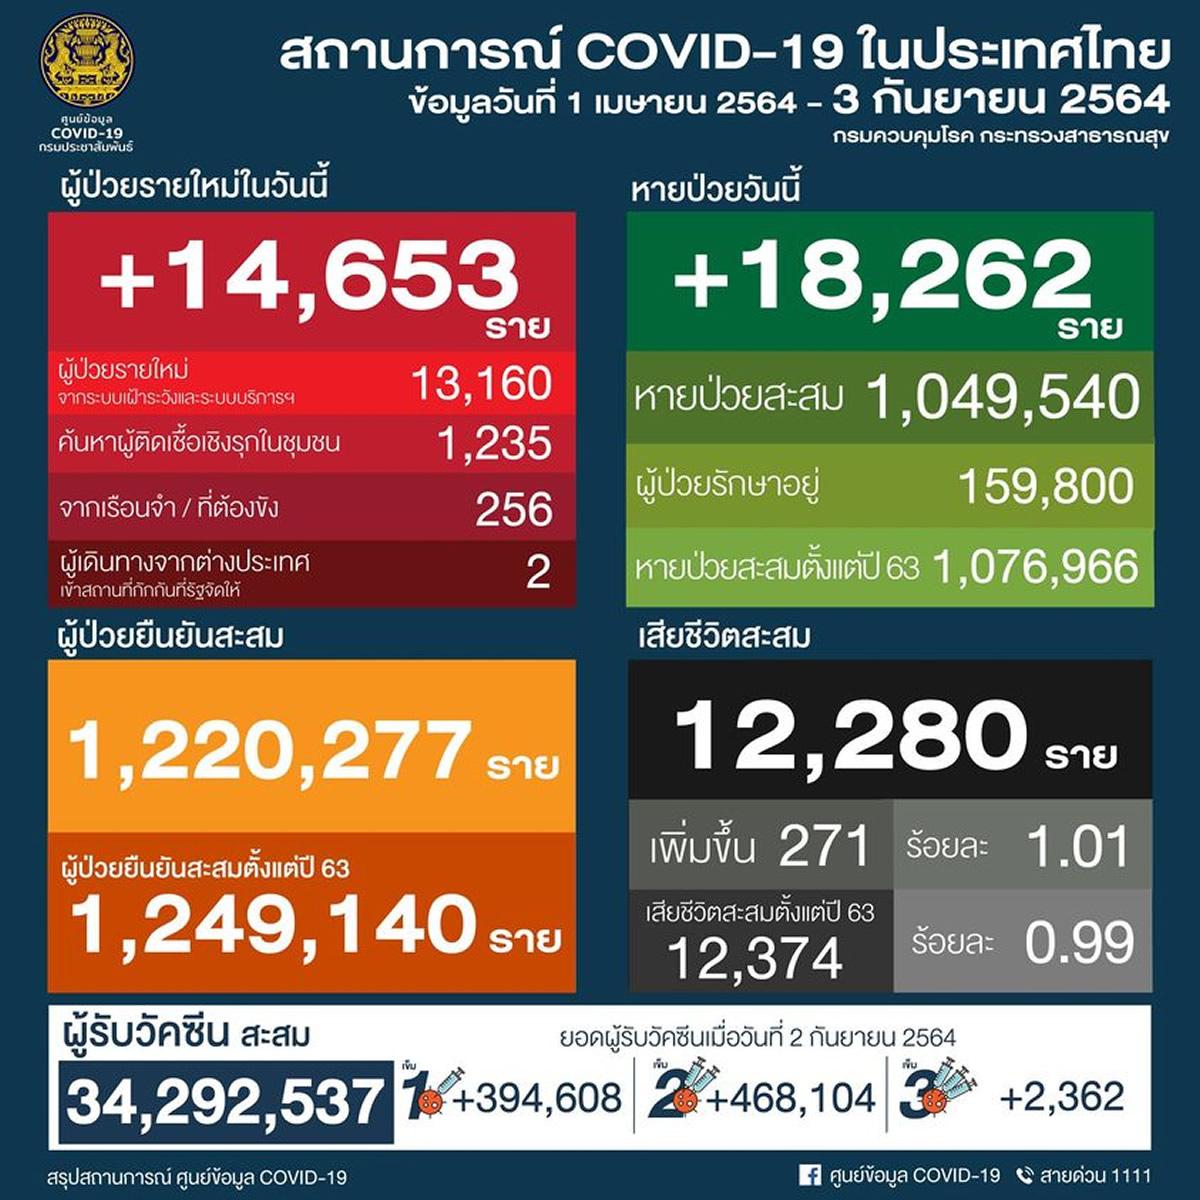 タイ 14,653人陽性 271人死亡/バンコク 3,428人陽性 79人死亡/プーケット 235人陽性[2021年9月3日発表]